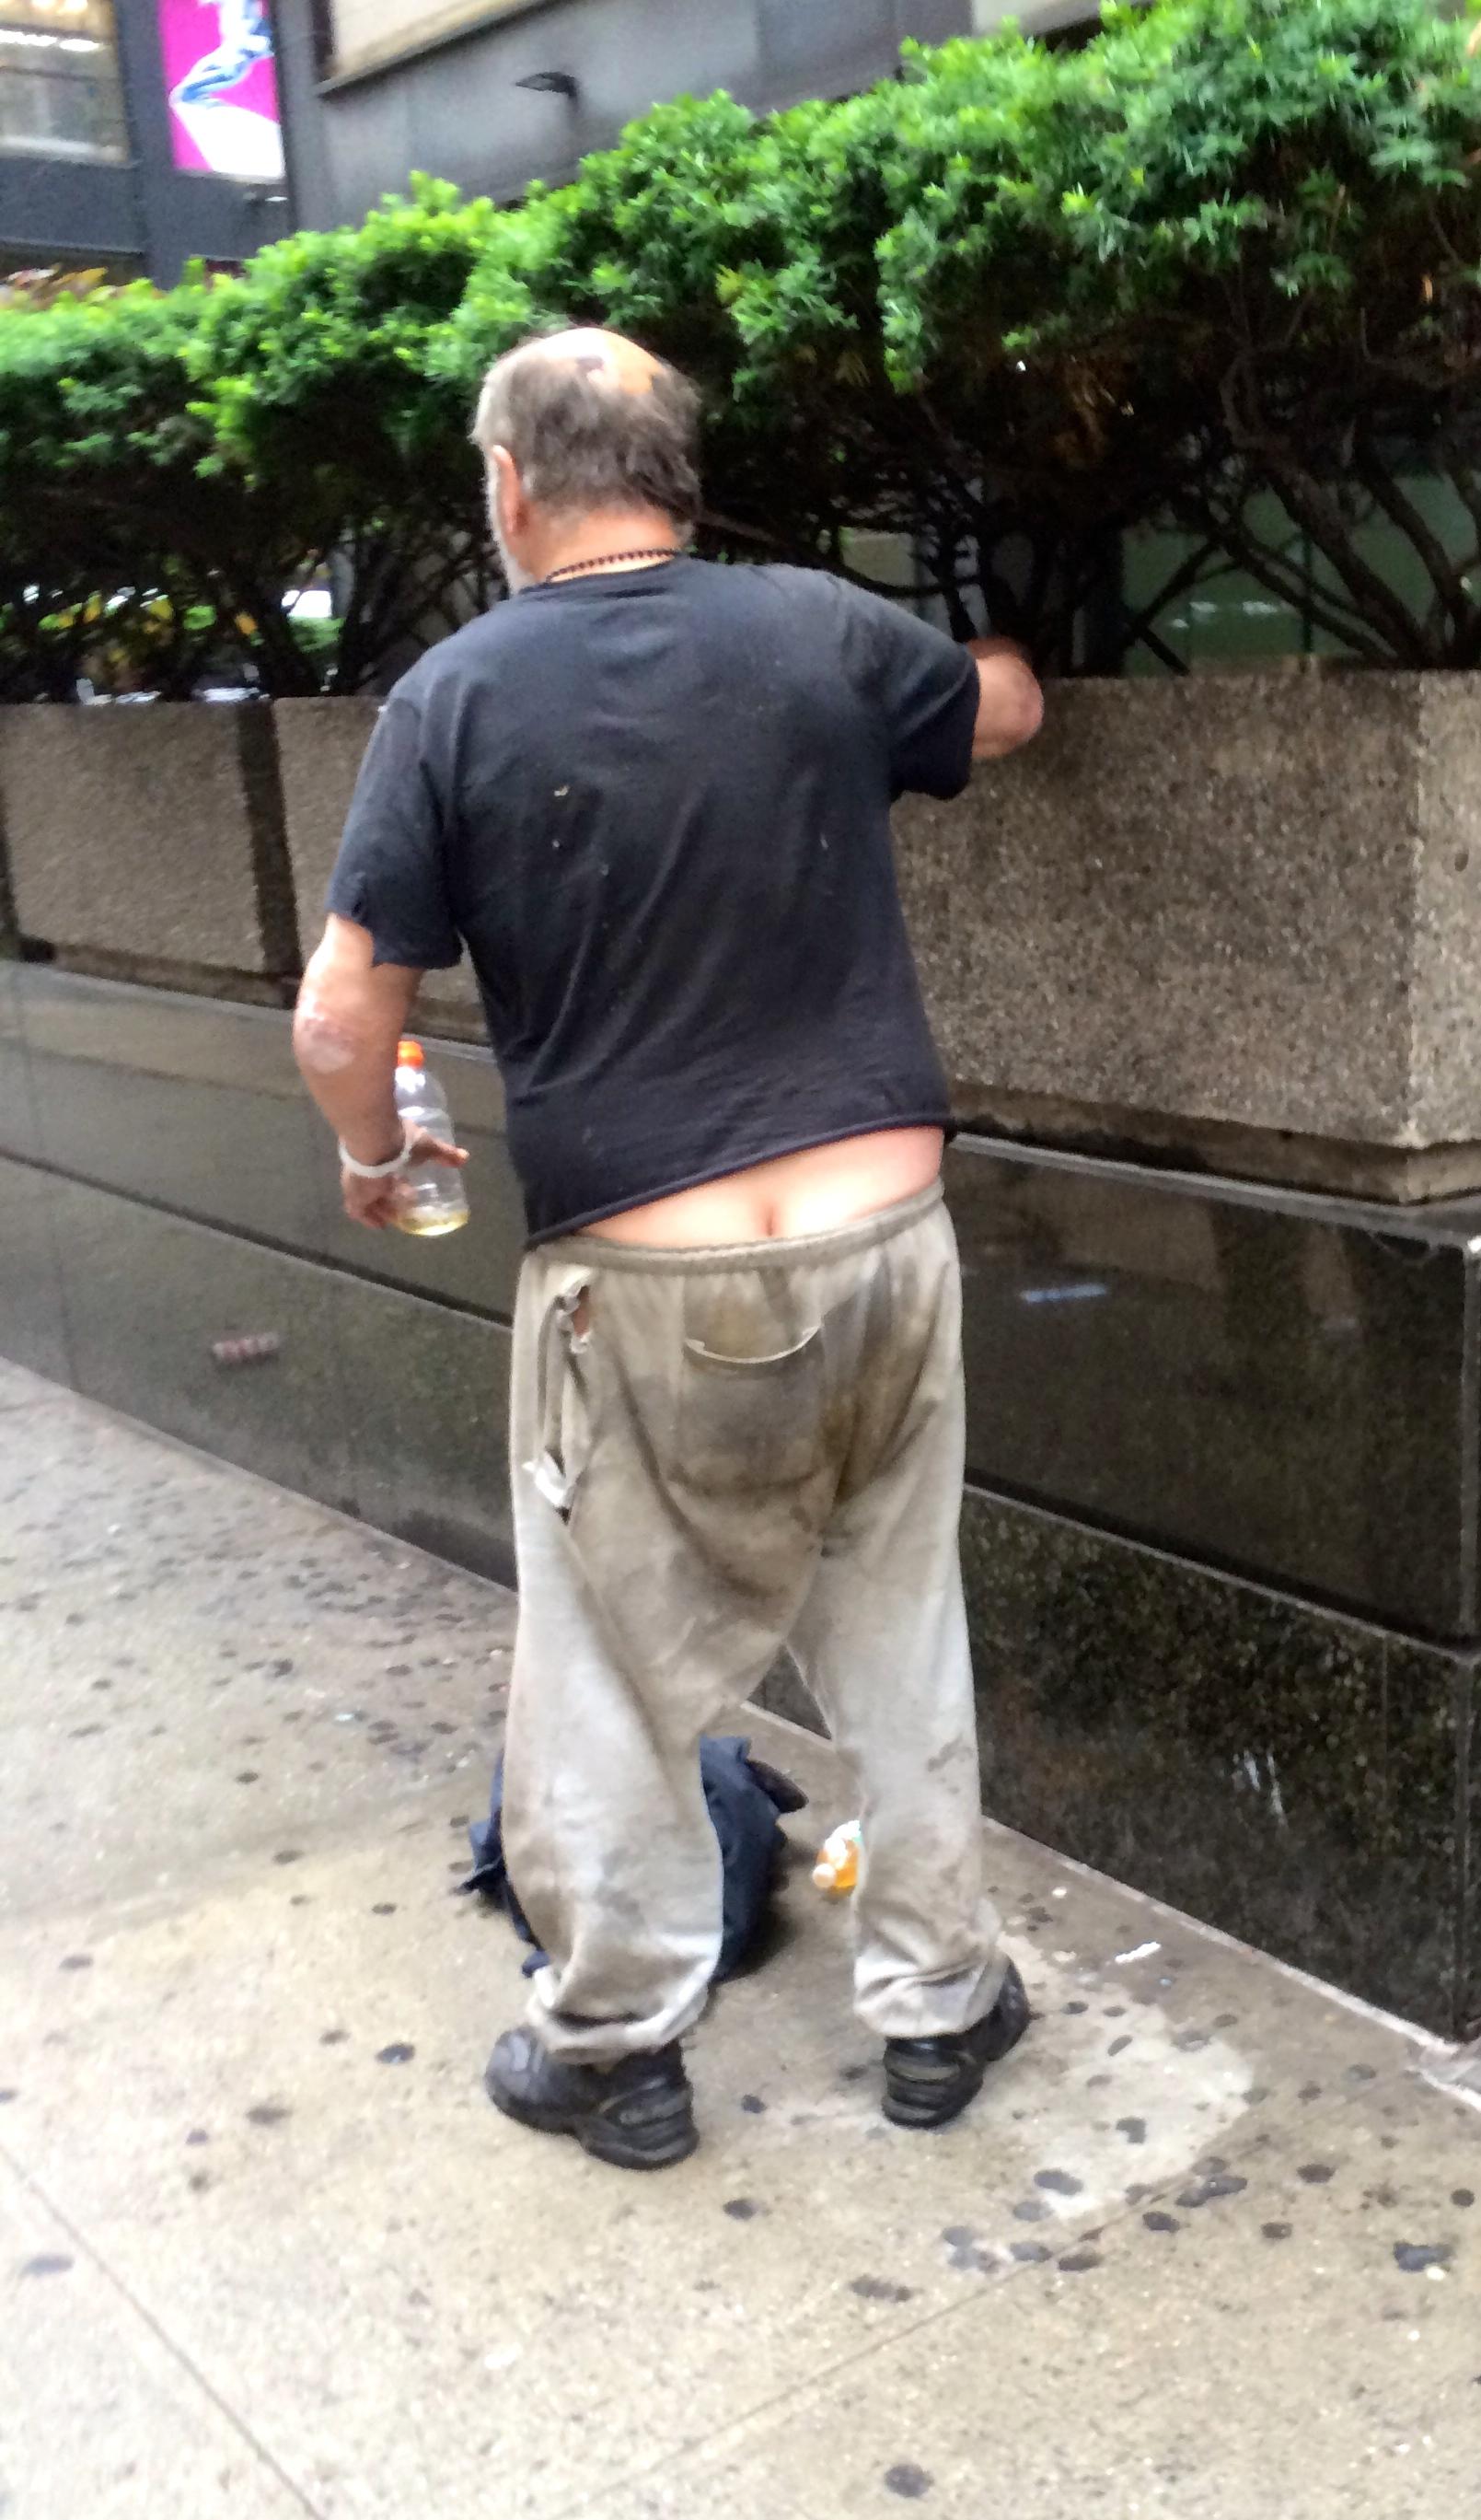 Belladona free man pooping pants